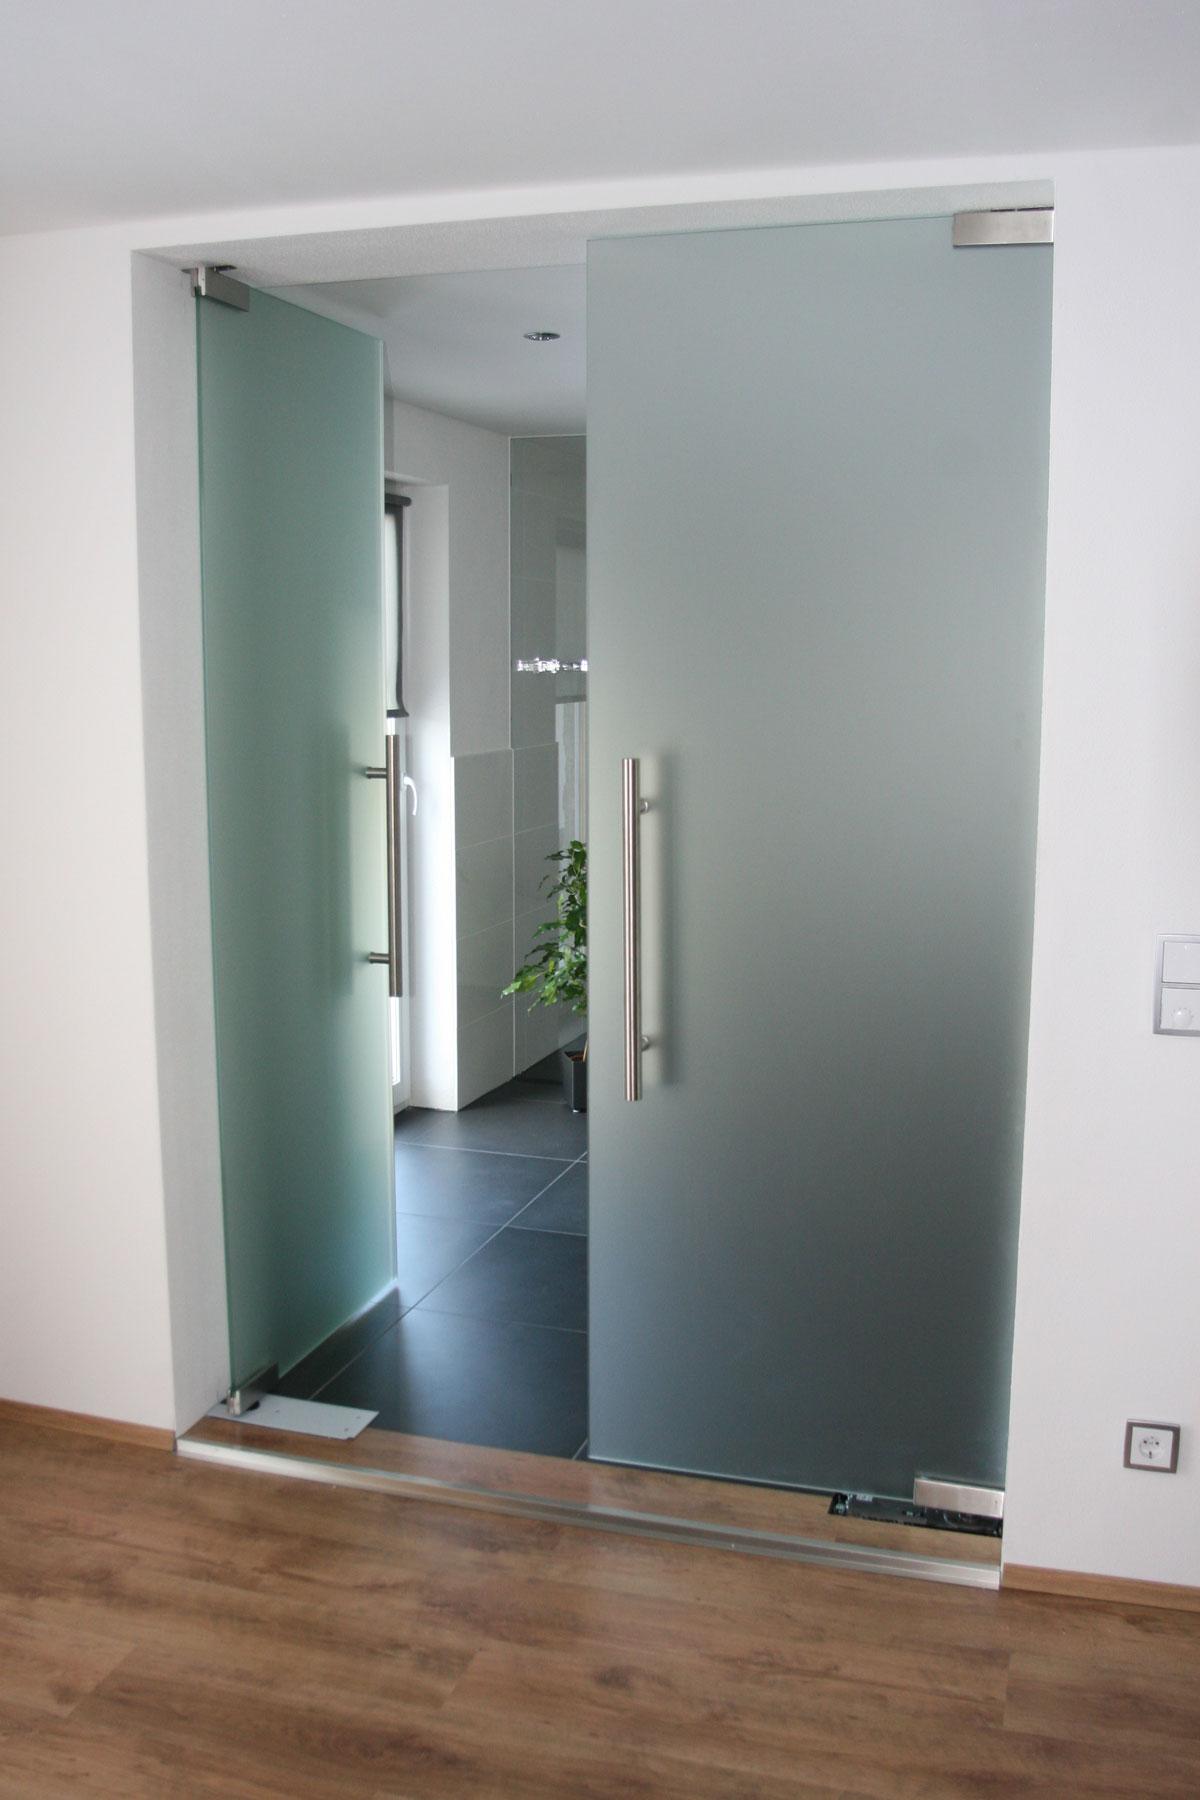 Sklenarstvi-Prerost-sklenene- steny-a-dvere (33)